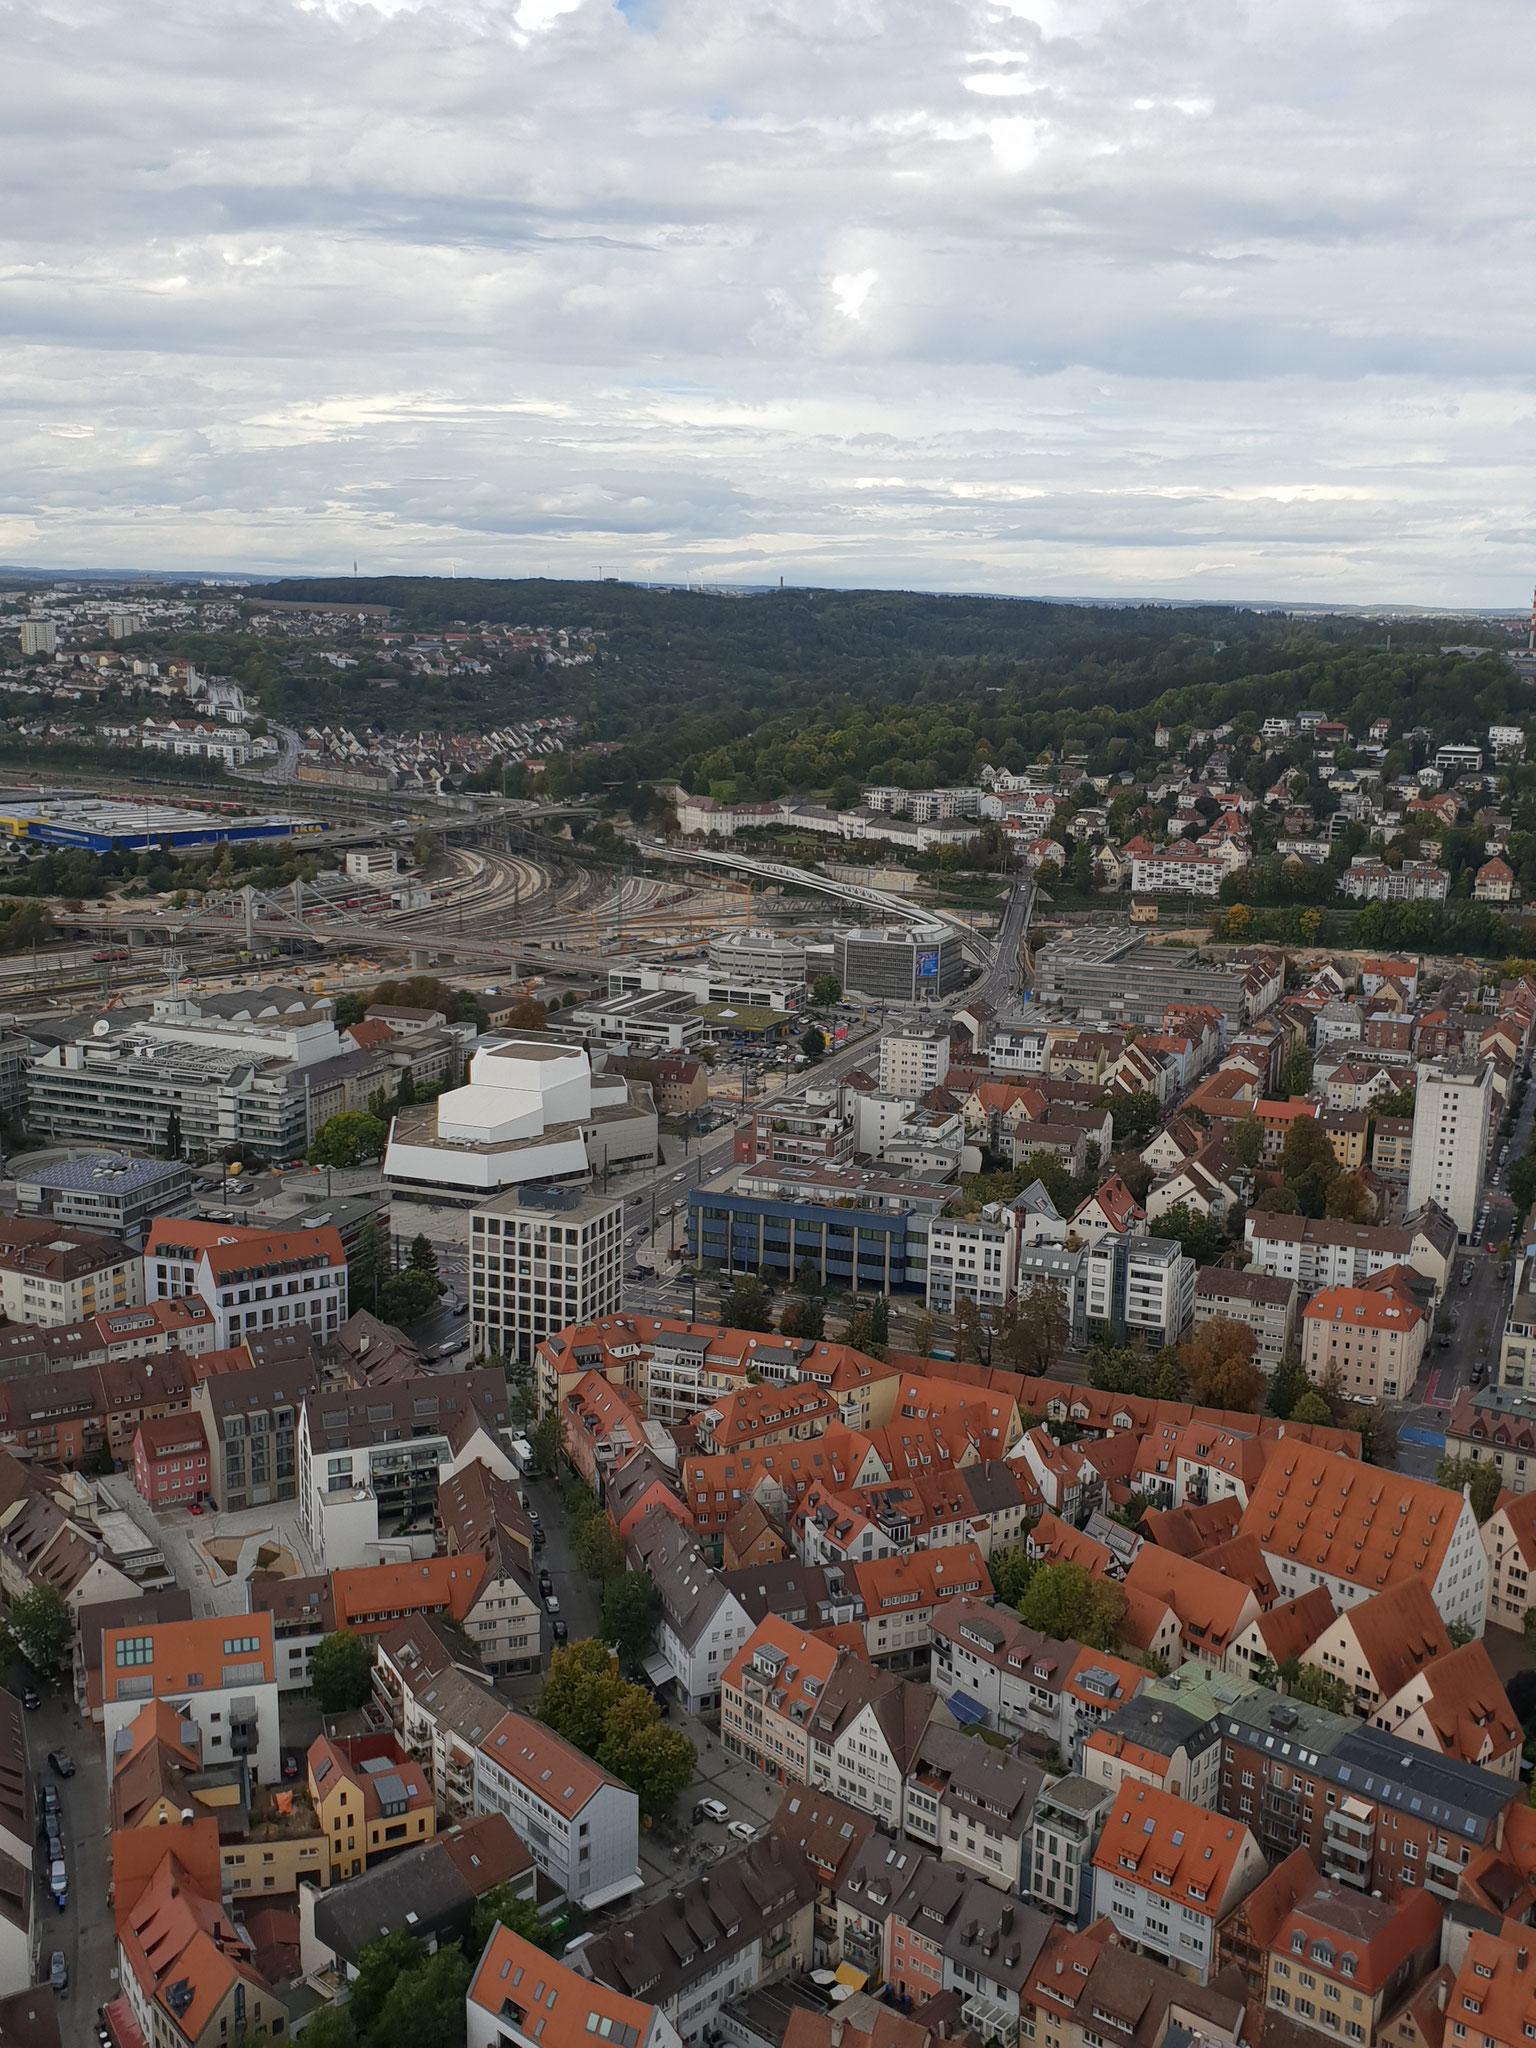 Sehenswertes Ulm von oben